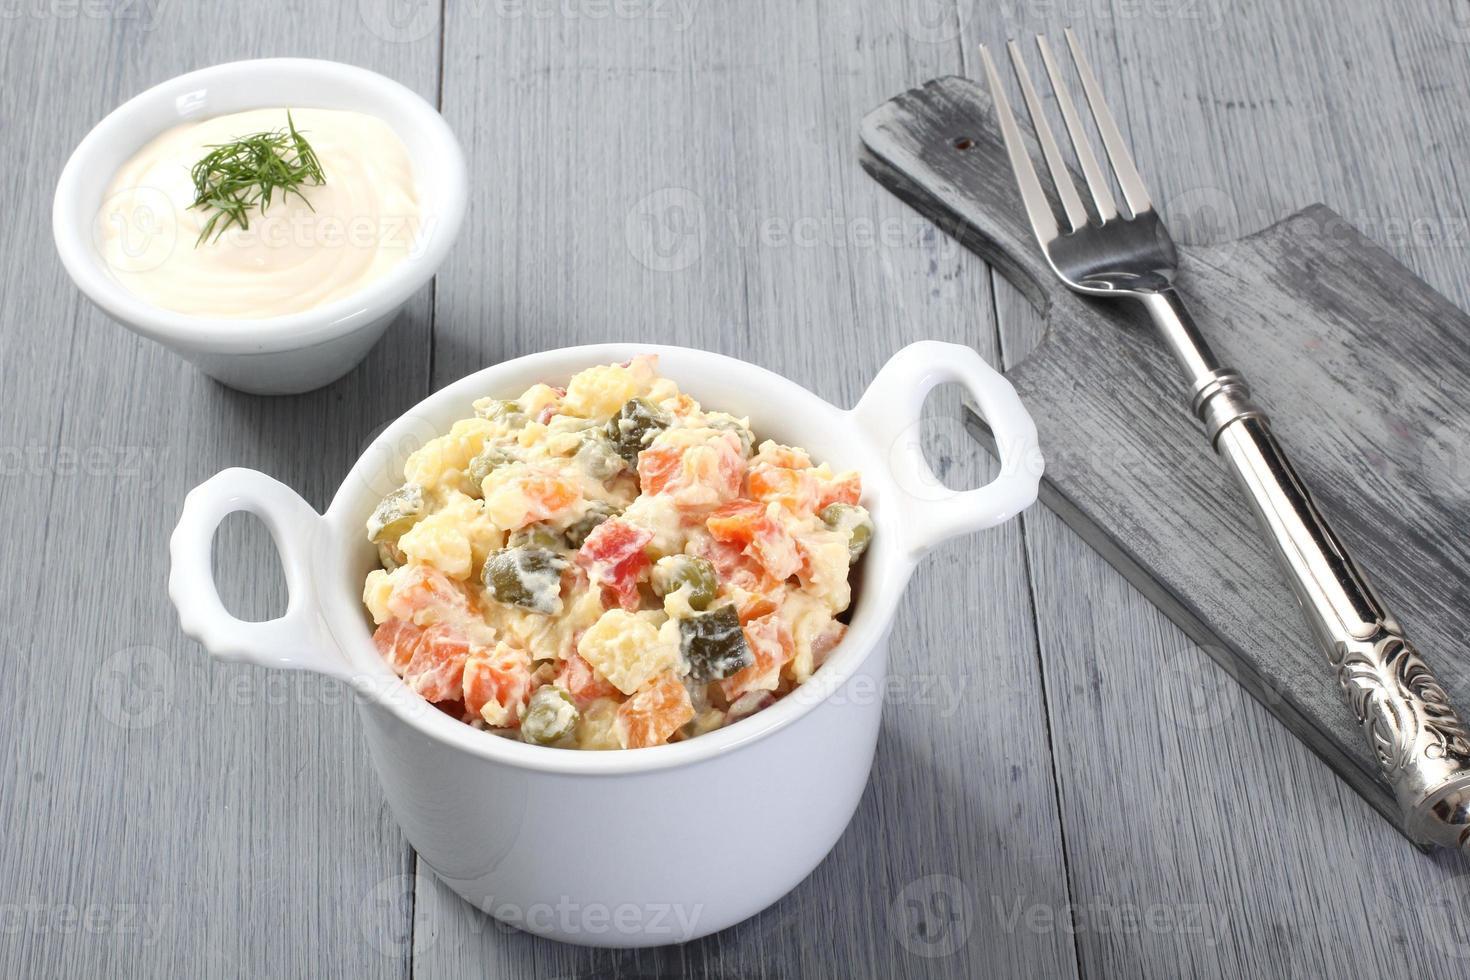 Russische groentensalade foto